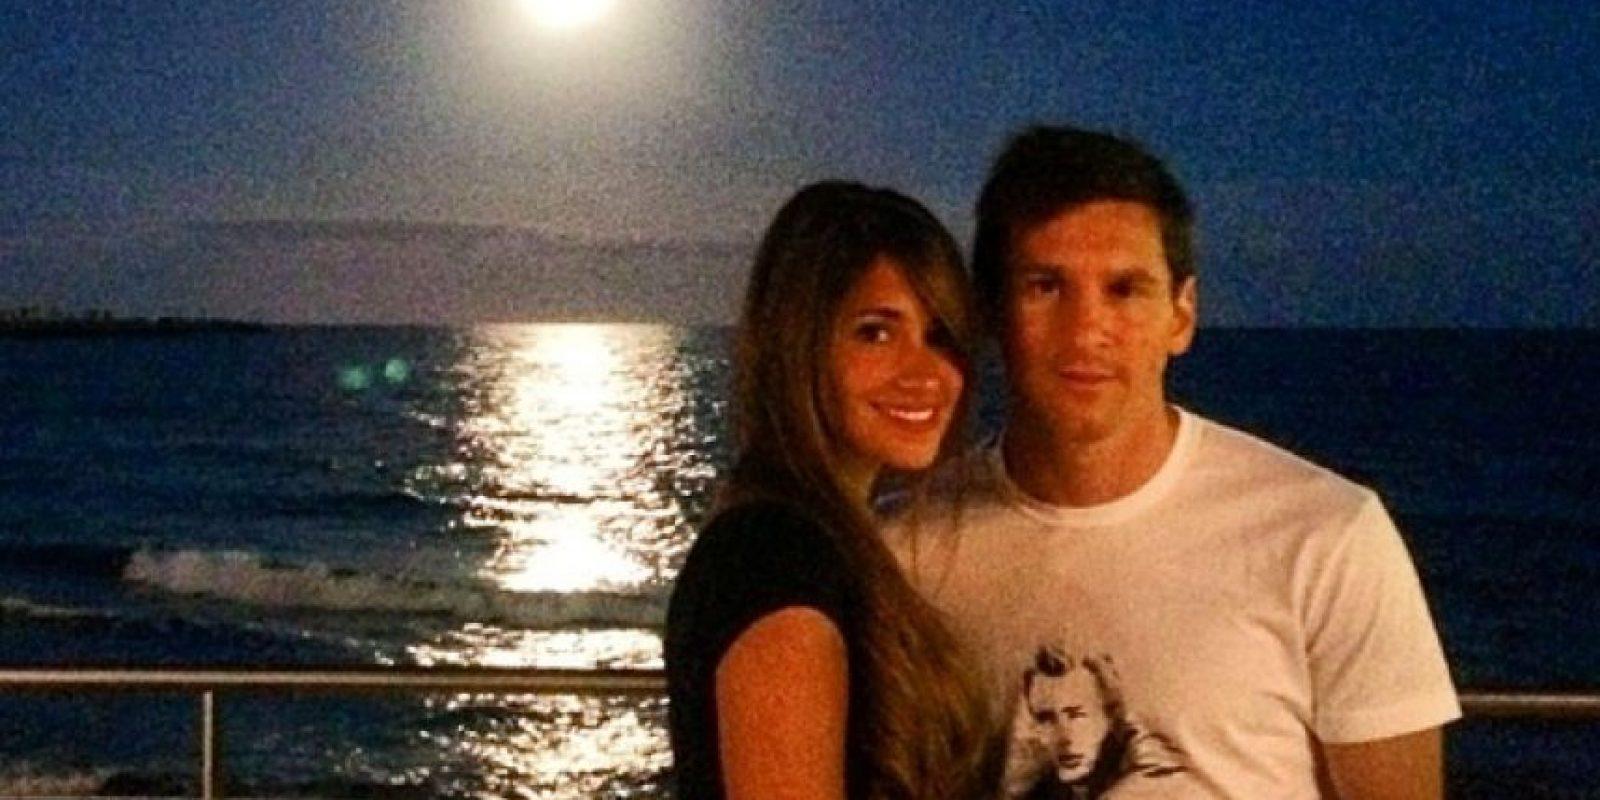 La pareja de Lionel Messi es una de las más bellas y famosas de la Liga de España. Foto:Vía instagram.com/antoroccuzzo88